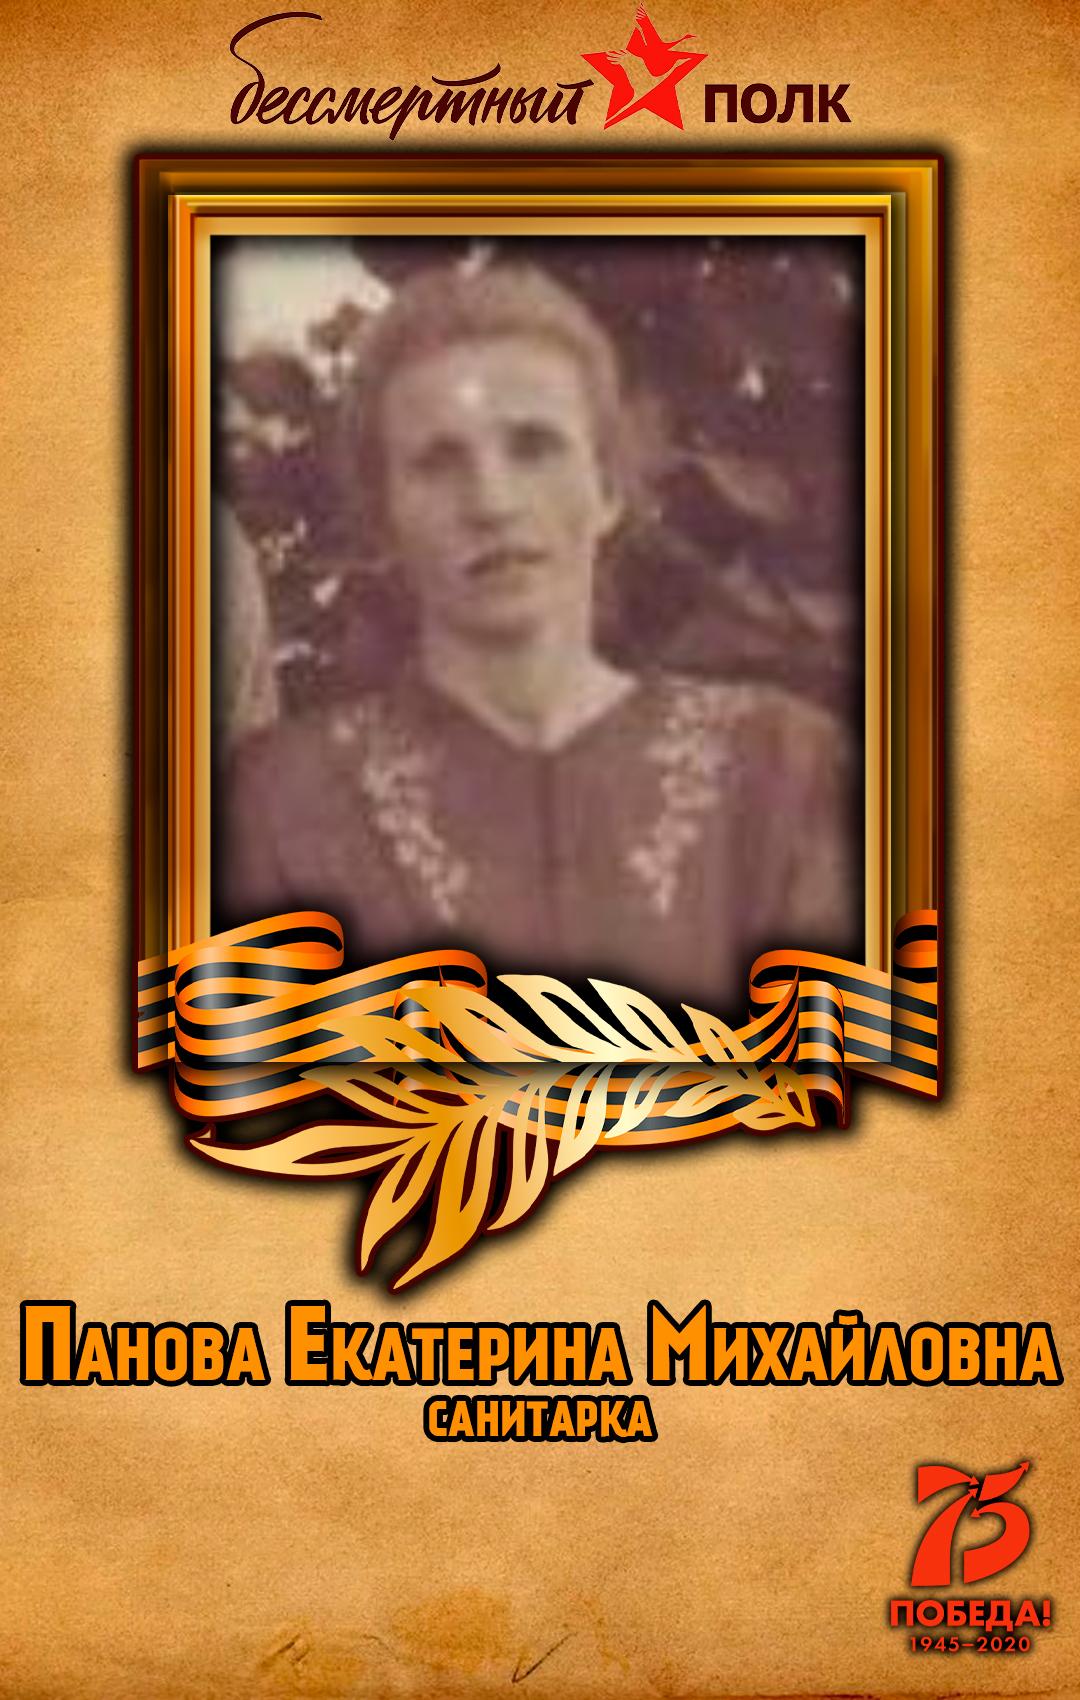 Панова-Екатерина-Михайловна